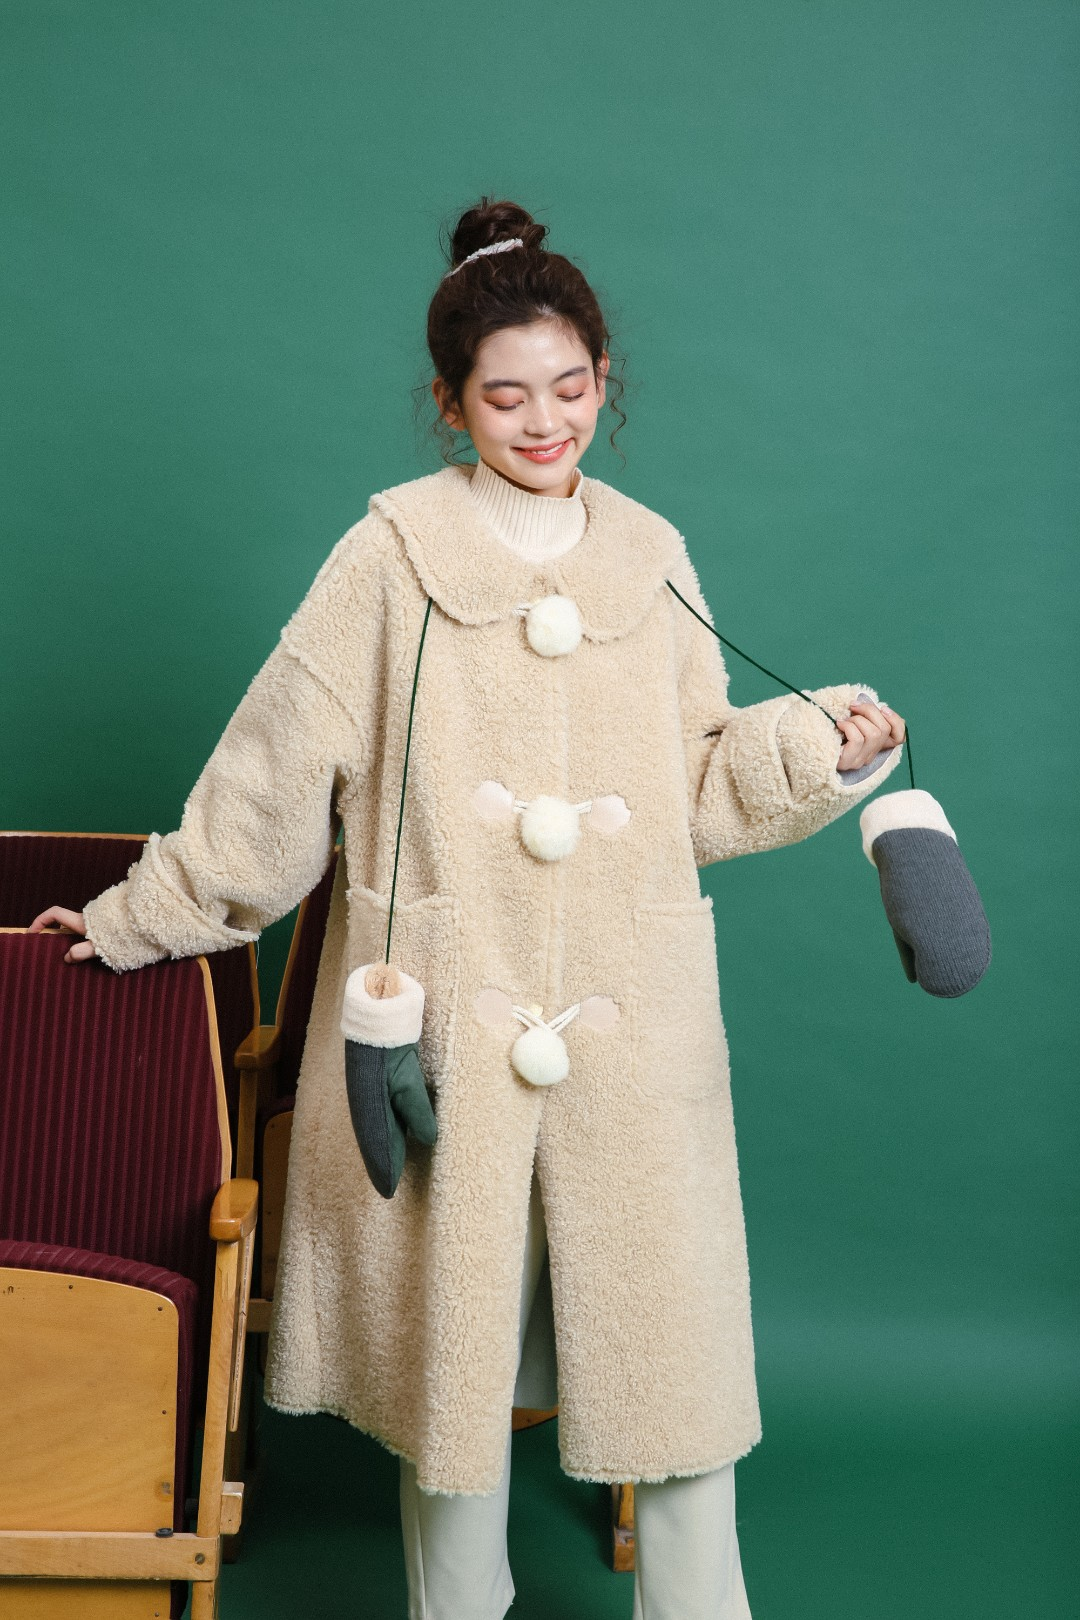 #稳赢!年底聚会战袍推荐#秋冬季都离不开软糯的羊羔毛外套🐑,这一款实用又兼顾造型的时尚单品✨,娃娃领设计凸显女孩子的可爱气息😋,三粒毛球门襟温暖减龄又防风御寒☃,双侧贴袋便于置放或保暖双手🤲,通体羊羔毛触感弥漫出绵软的暖意🔥,长款的直筒版型轻松驾驭任何搭配💕